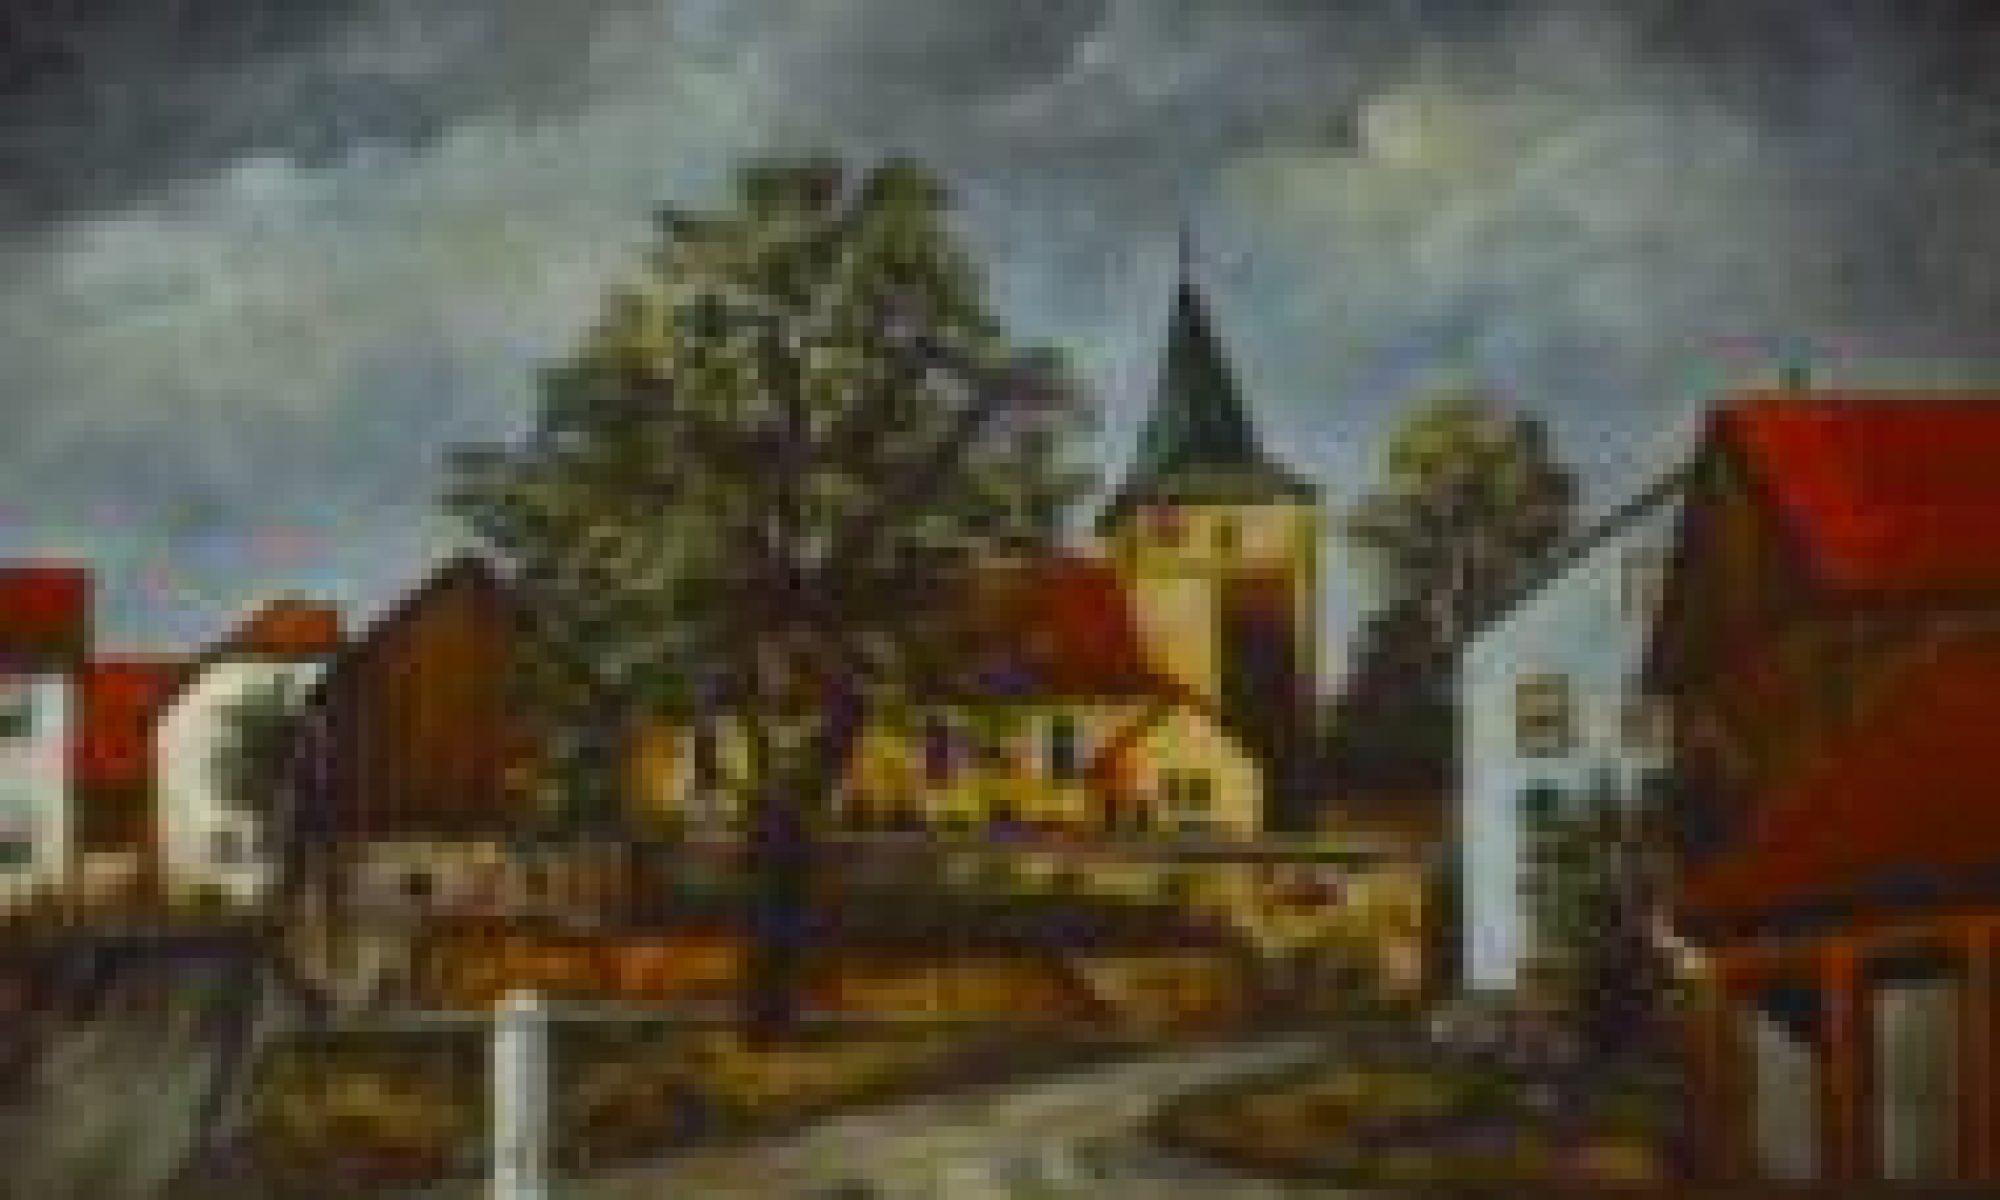 Ilsenbach